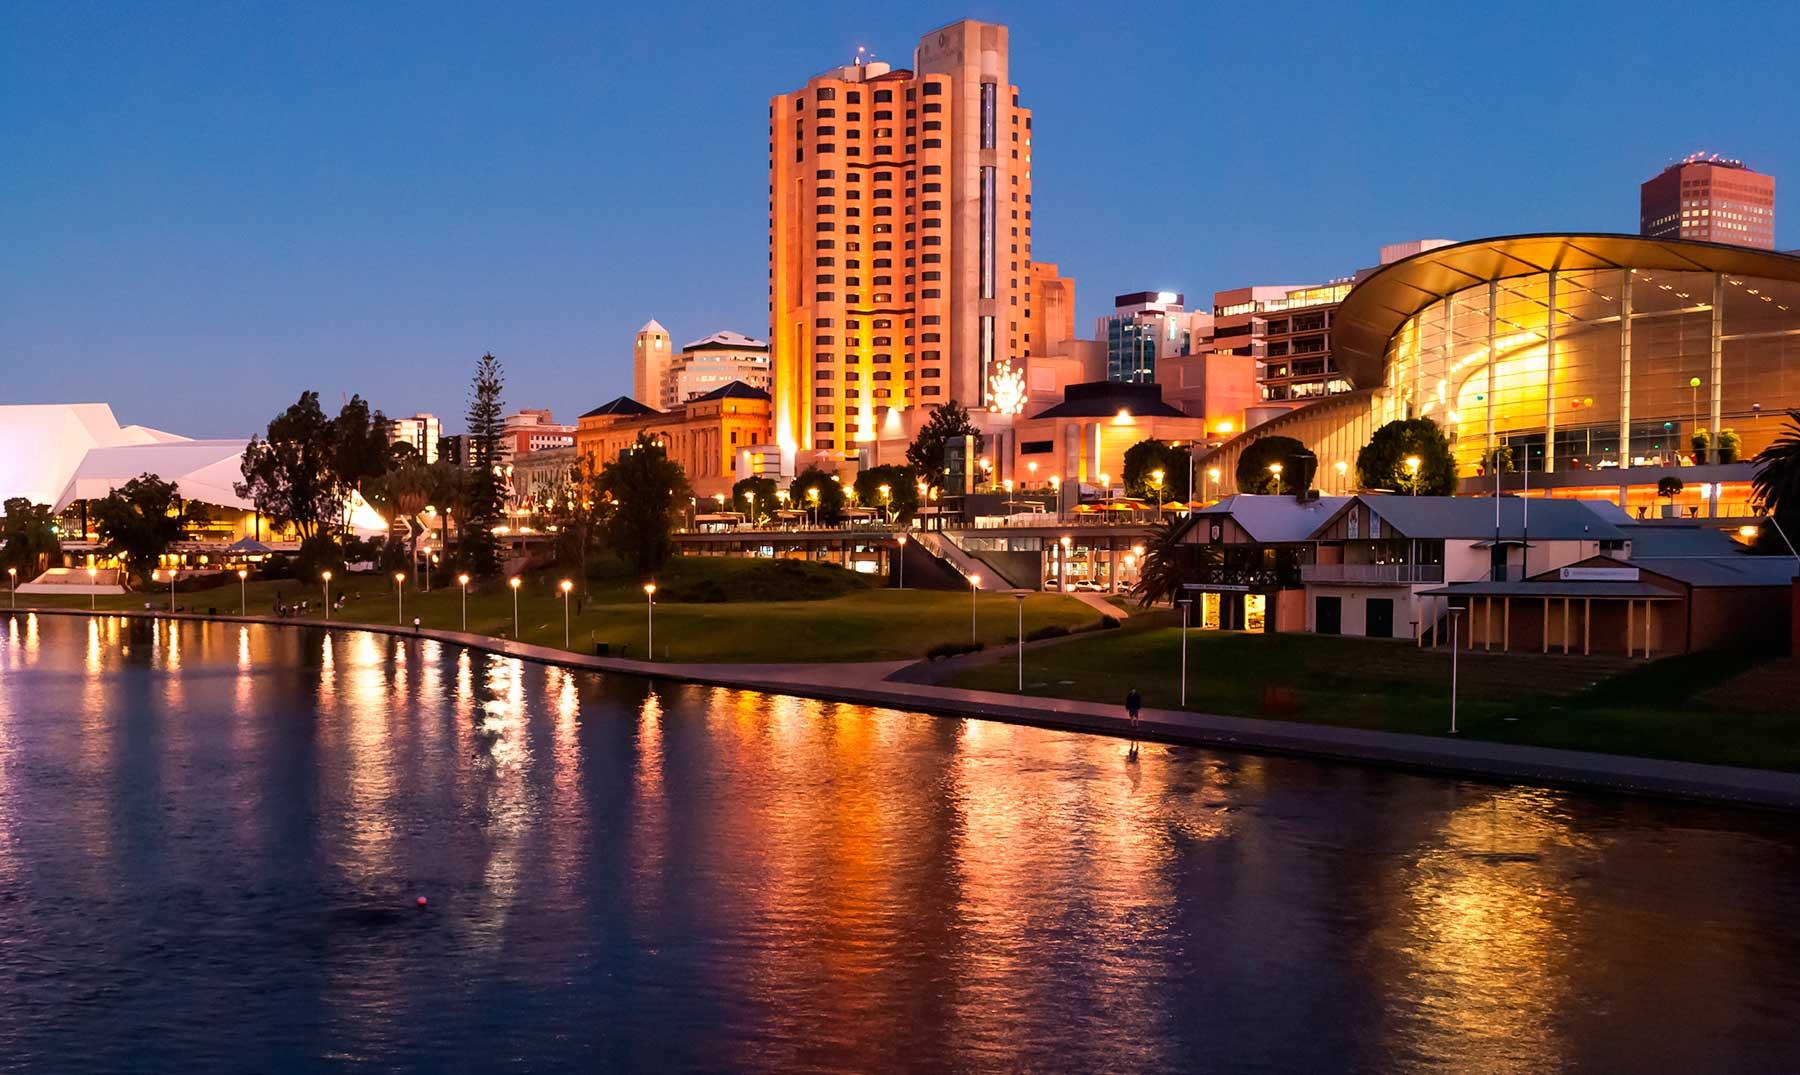 Qué ver en Adelaida | 10 Lugares imprescindibles [Con Imágenes]